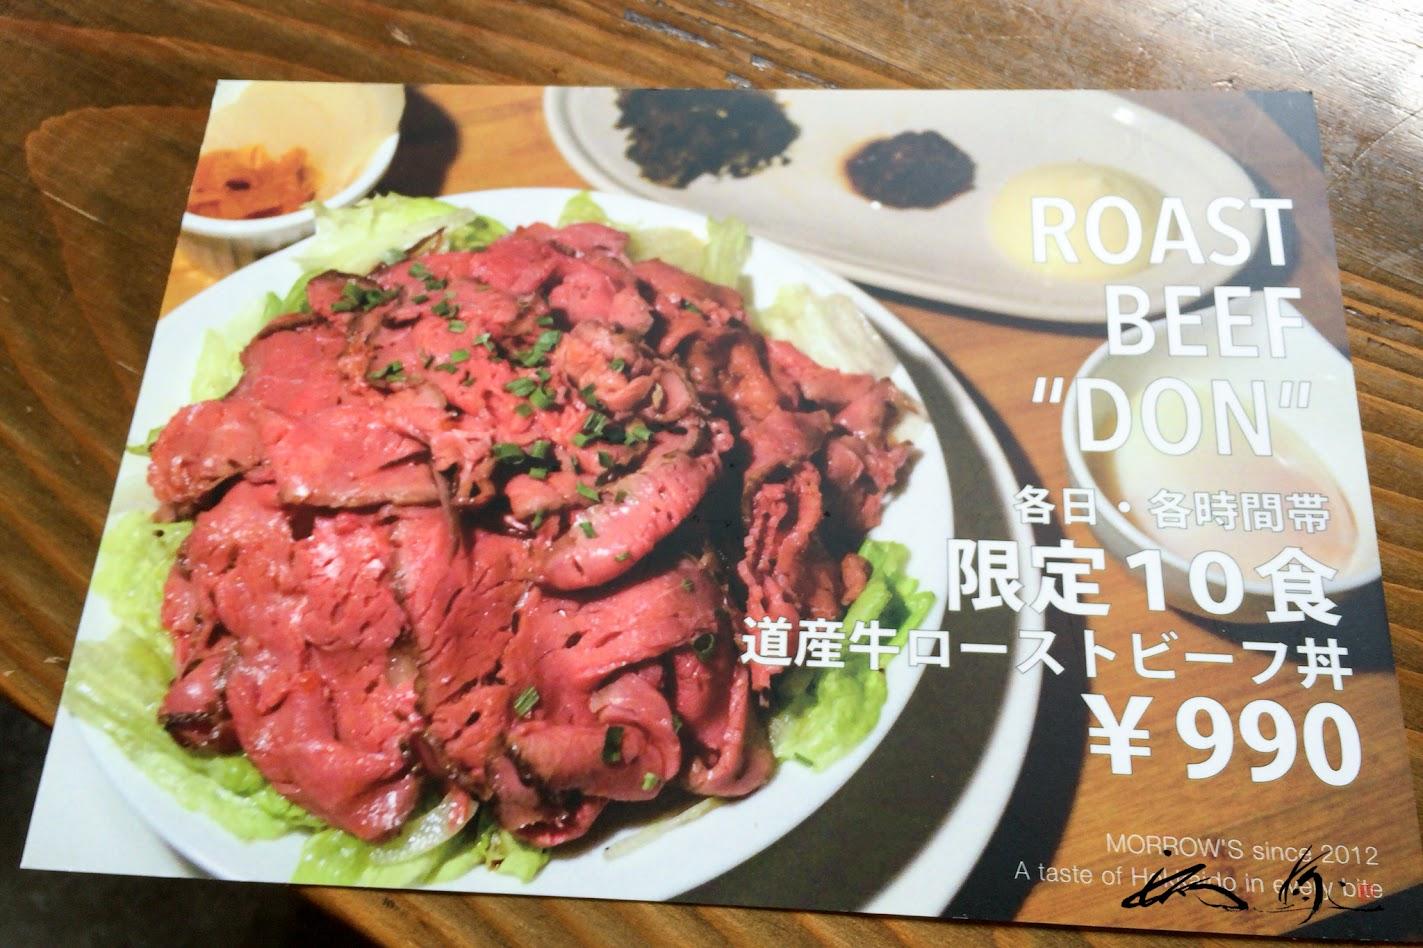 10食限定ローストビーフ